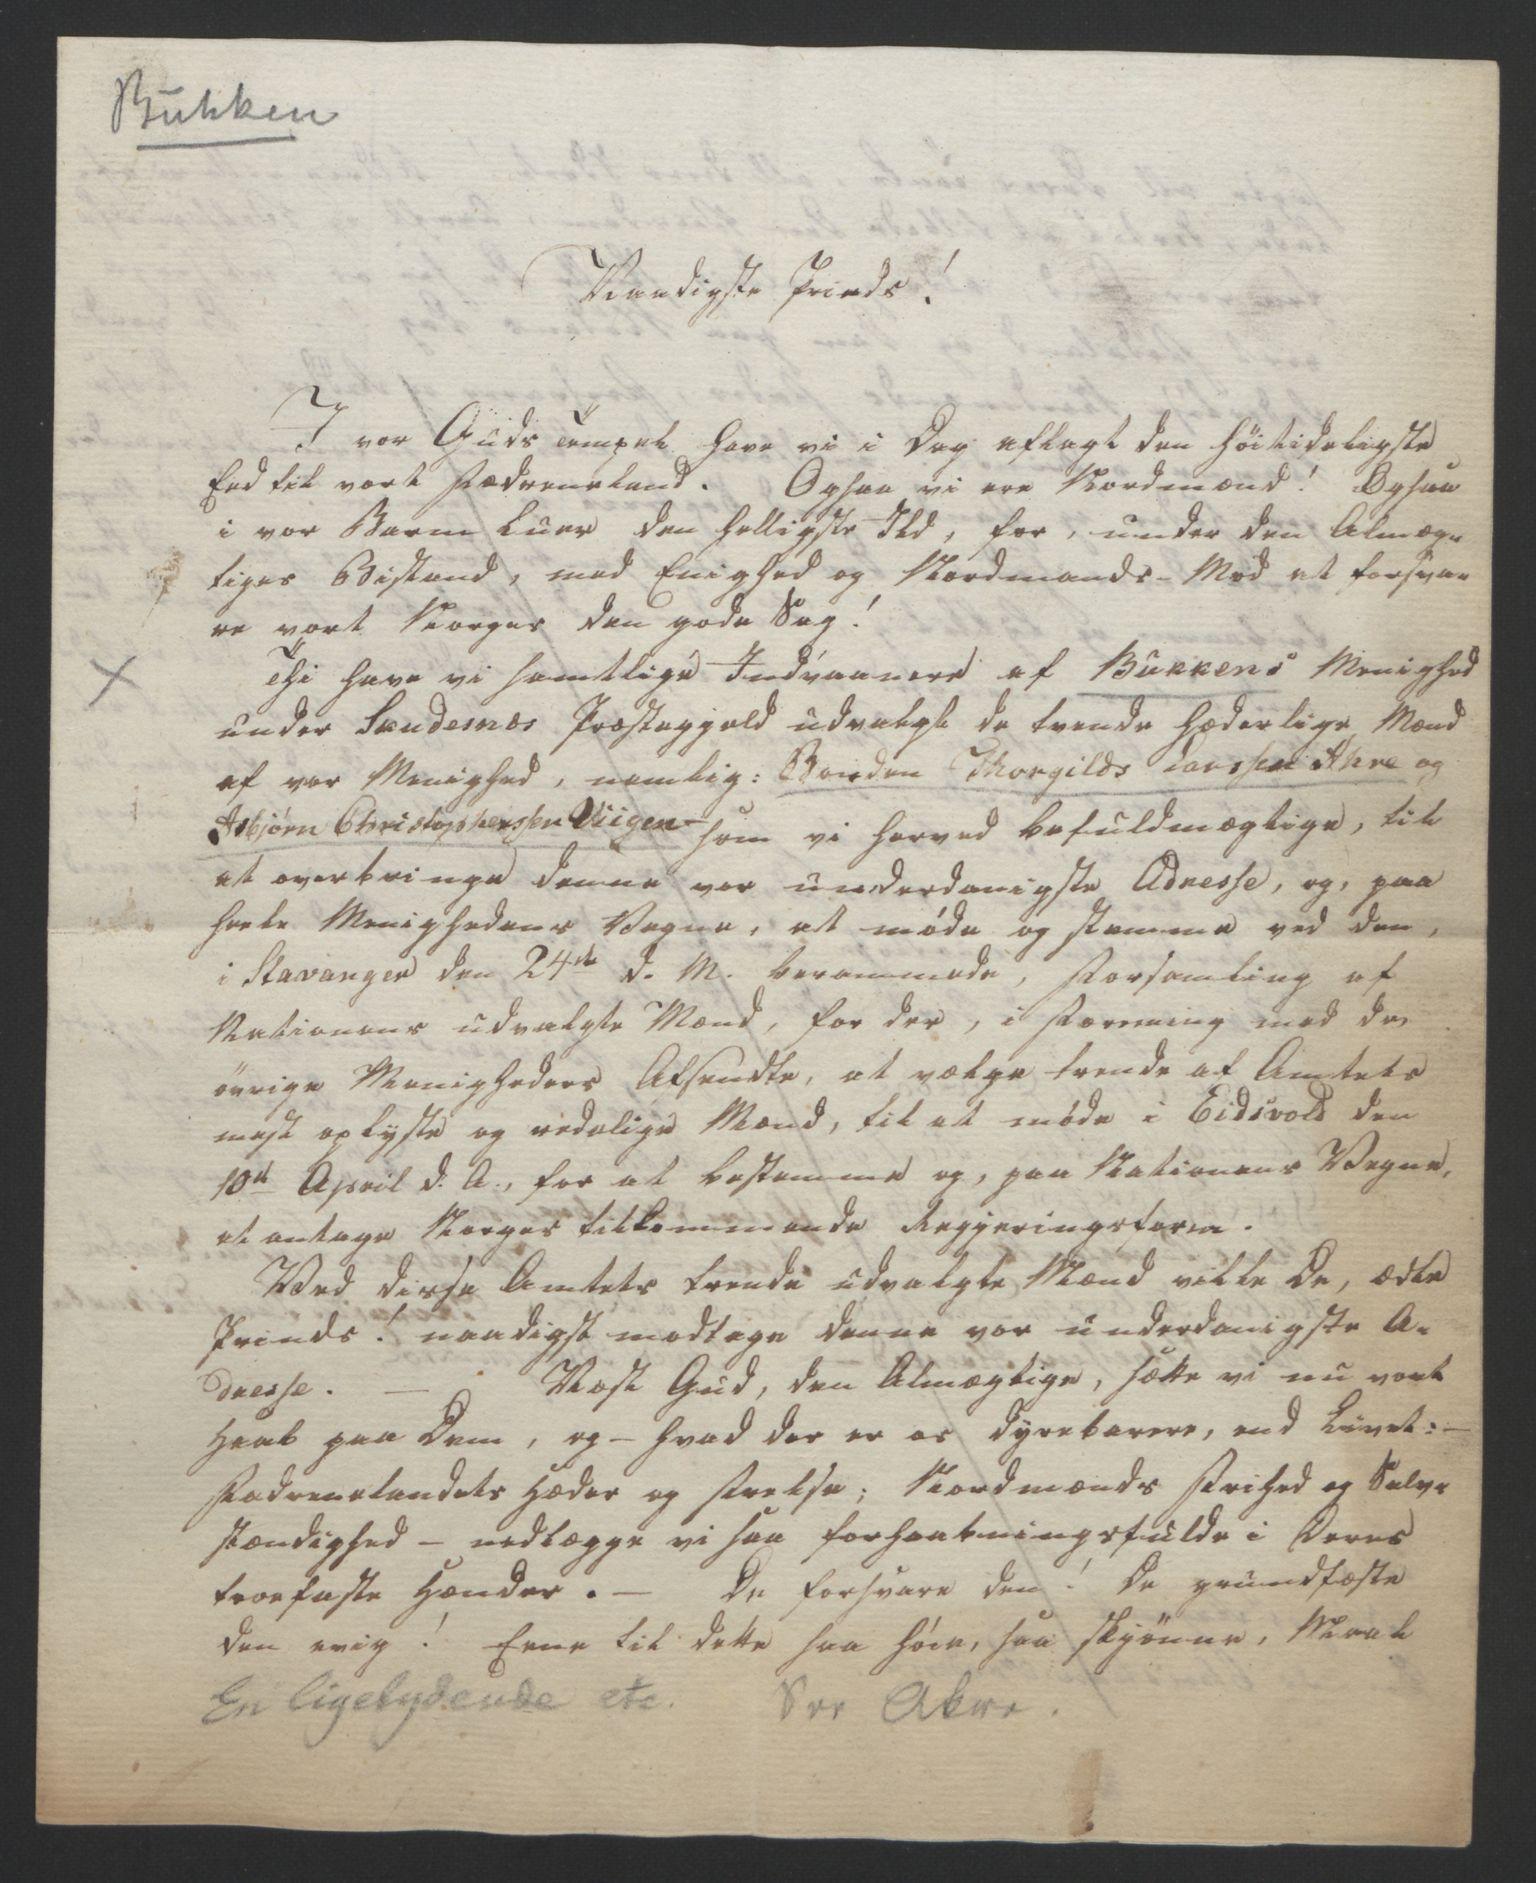 RA, Statsrådssekretariatet, D/Db/L0008: Fullmakter for Eidsvollsrepresentantene i 1814. , 1814, s. 247